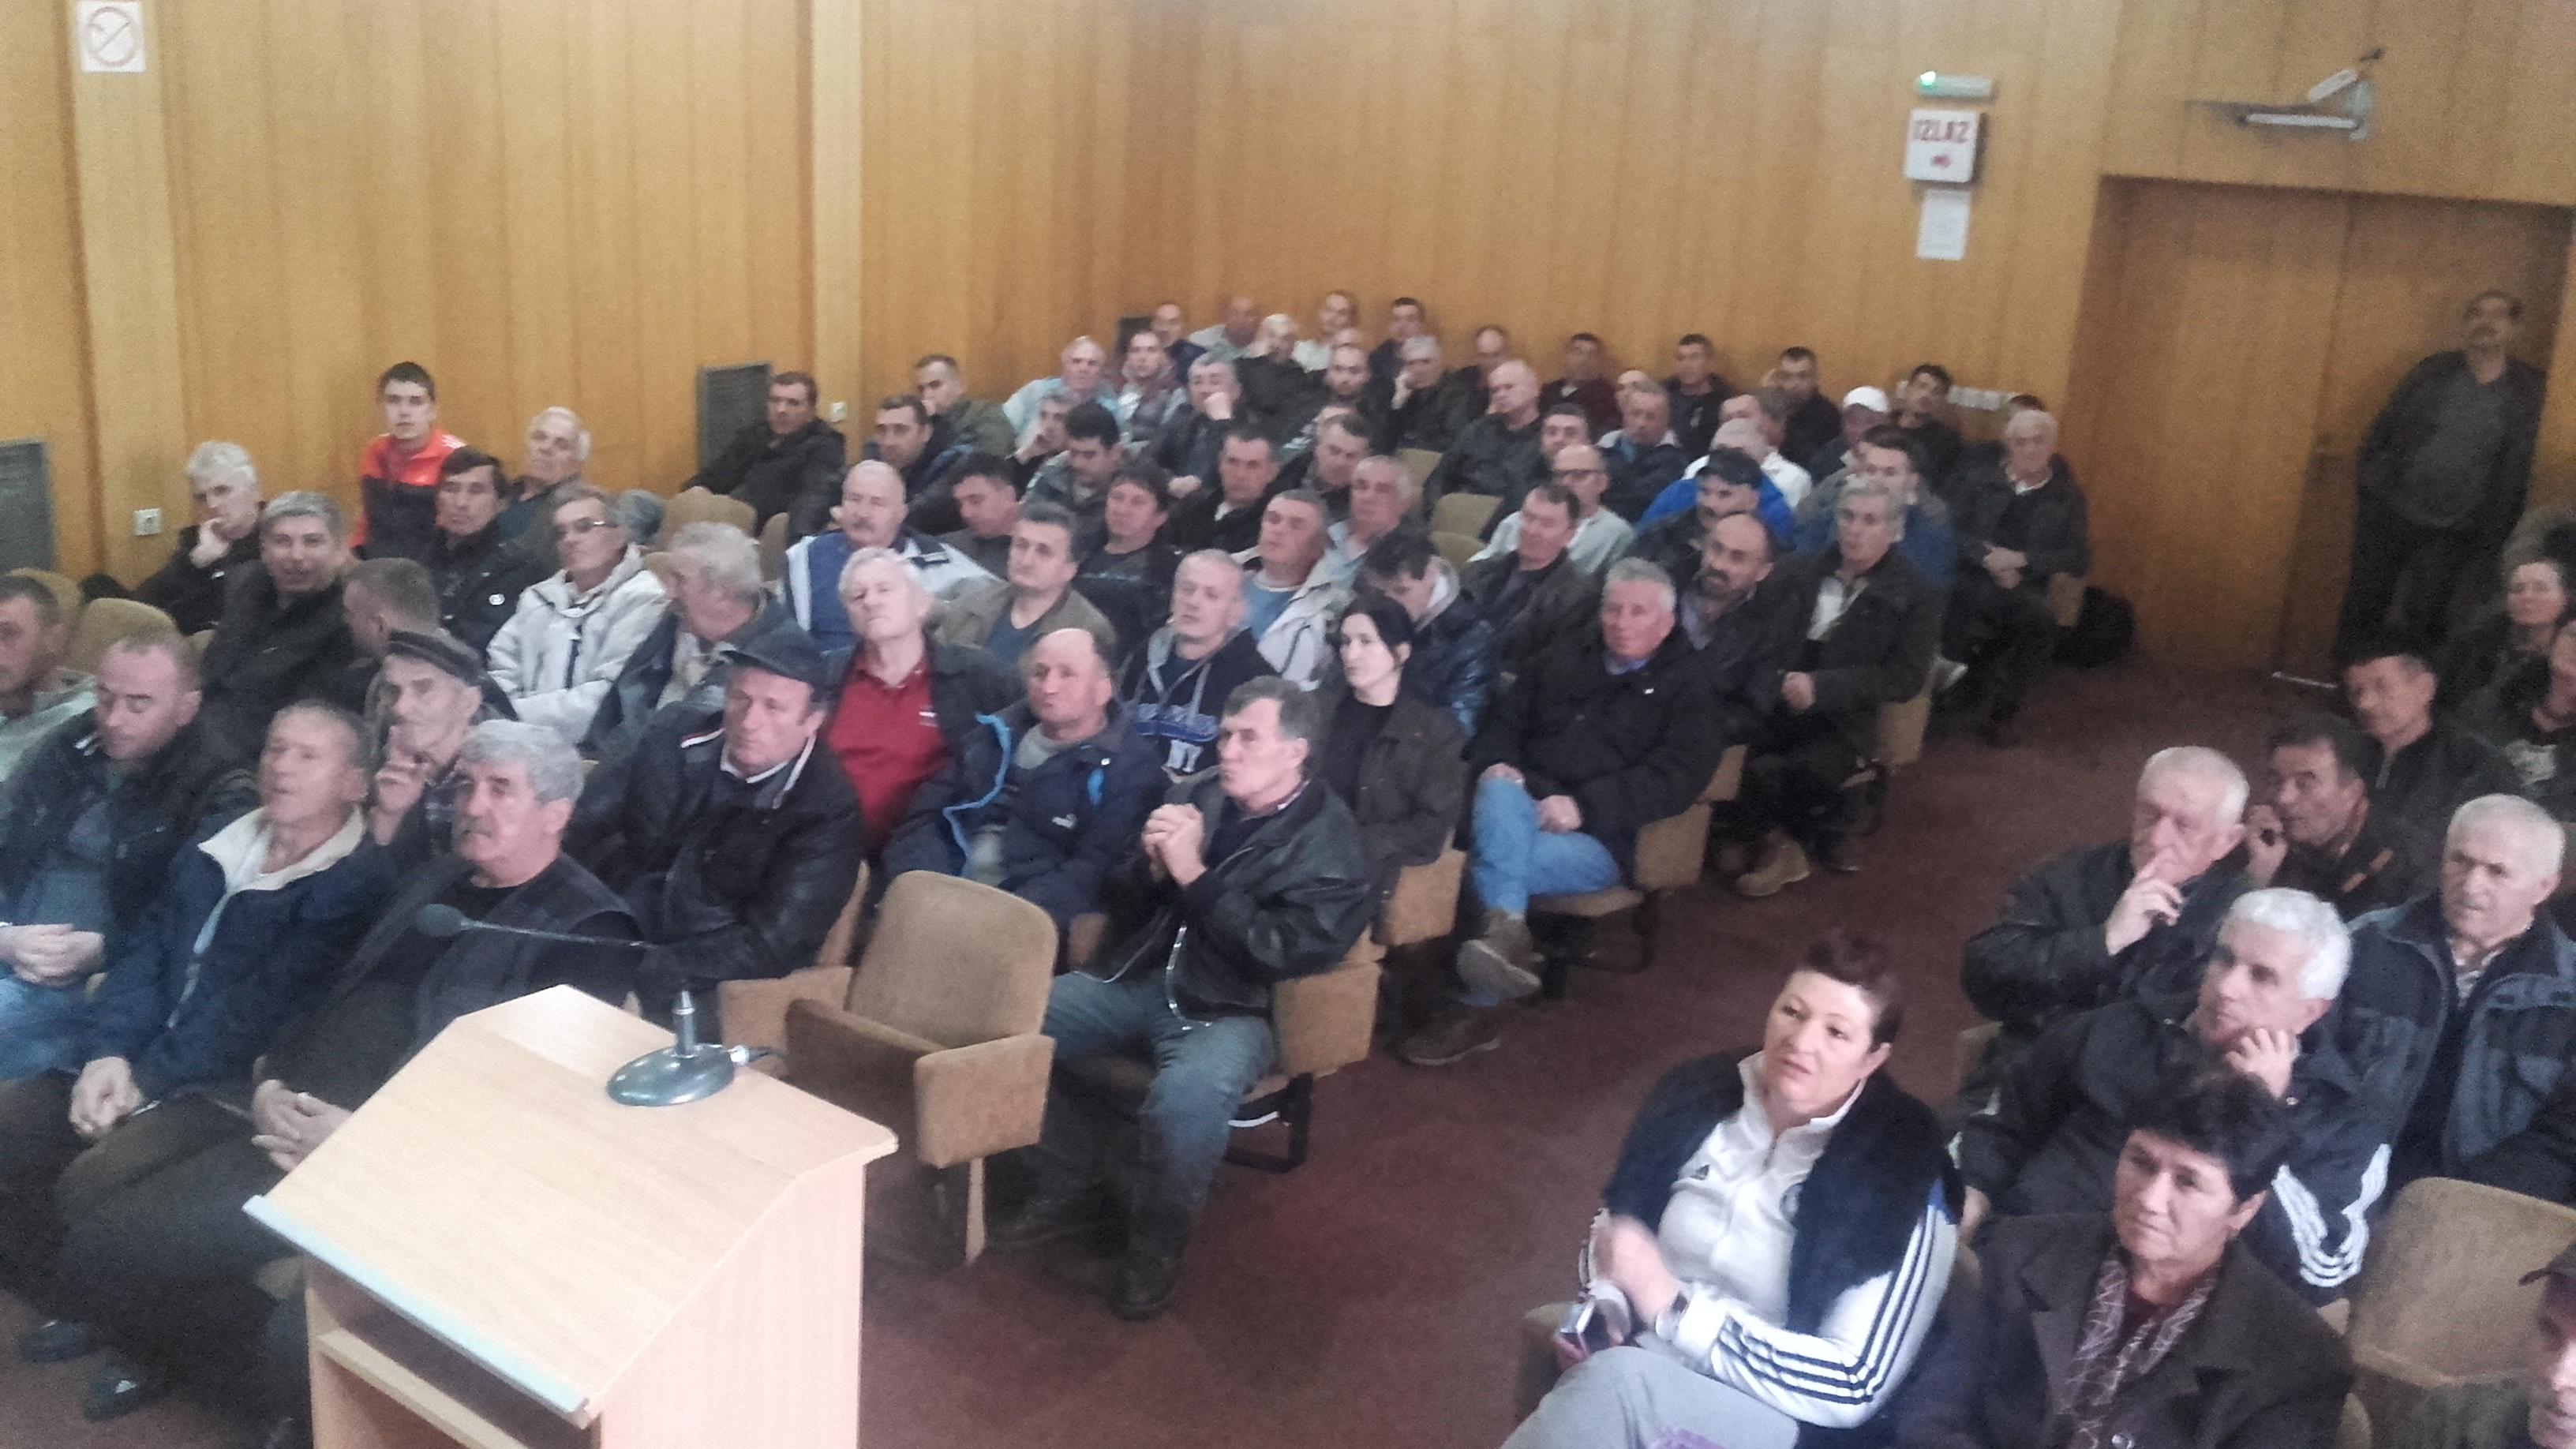 """Скупштина ПУ """"Лимска долина"""": Ђубриво за малинаре Пријепоља и Прибоја од Министарства пољопривреде"""